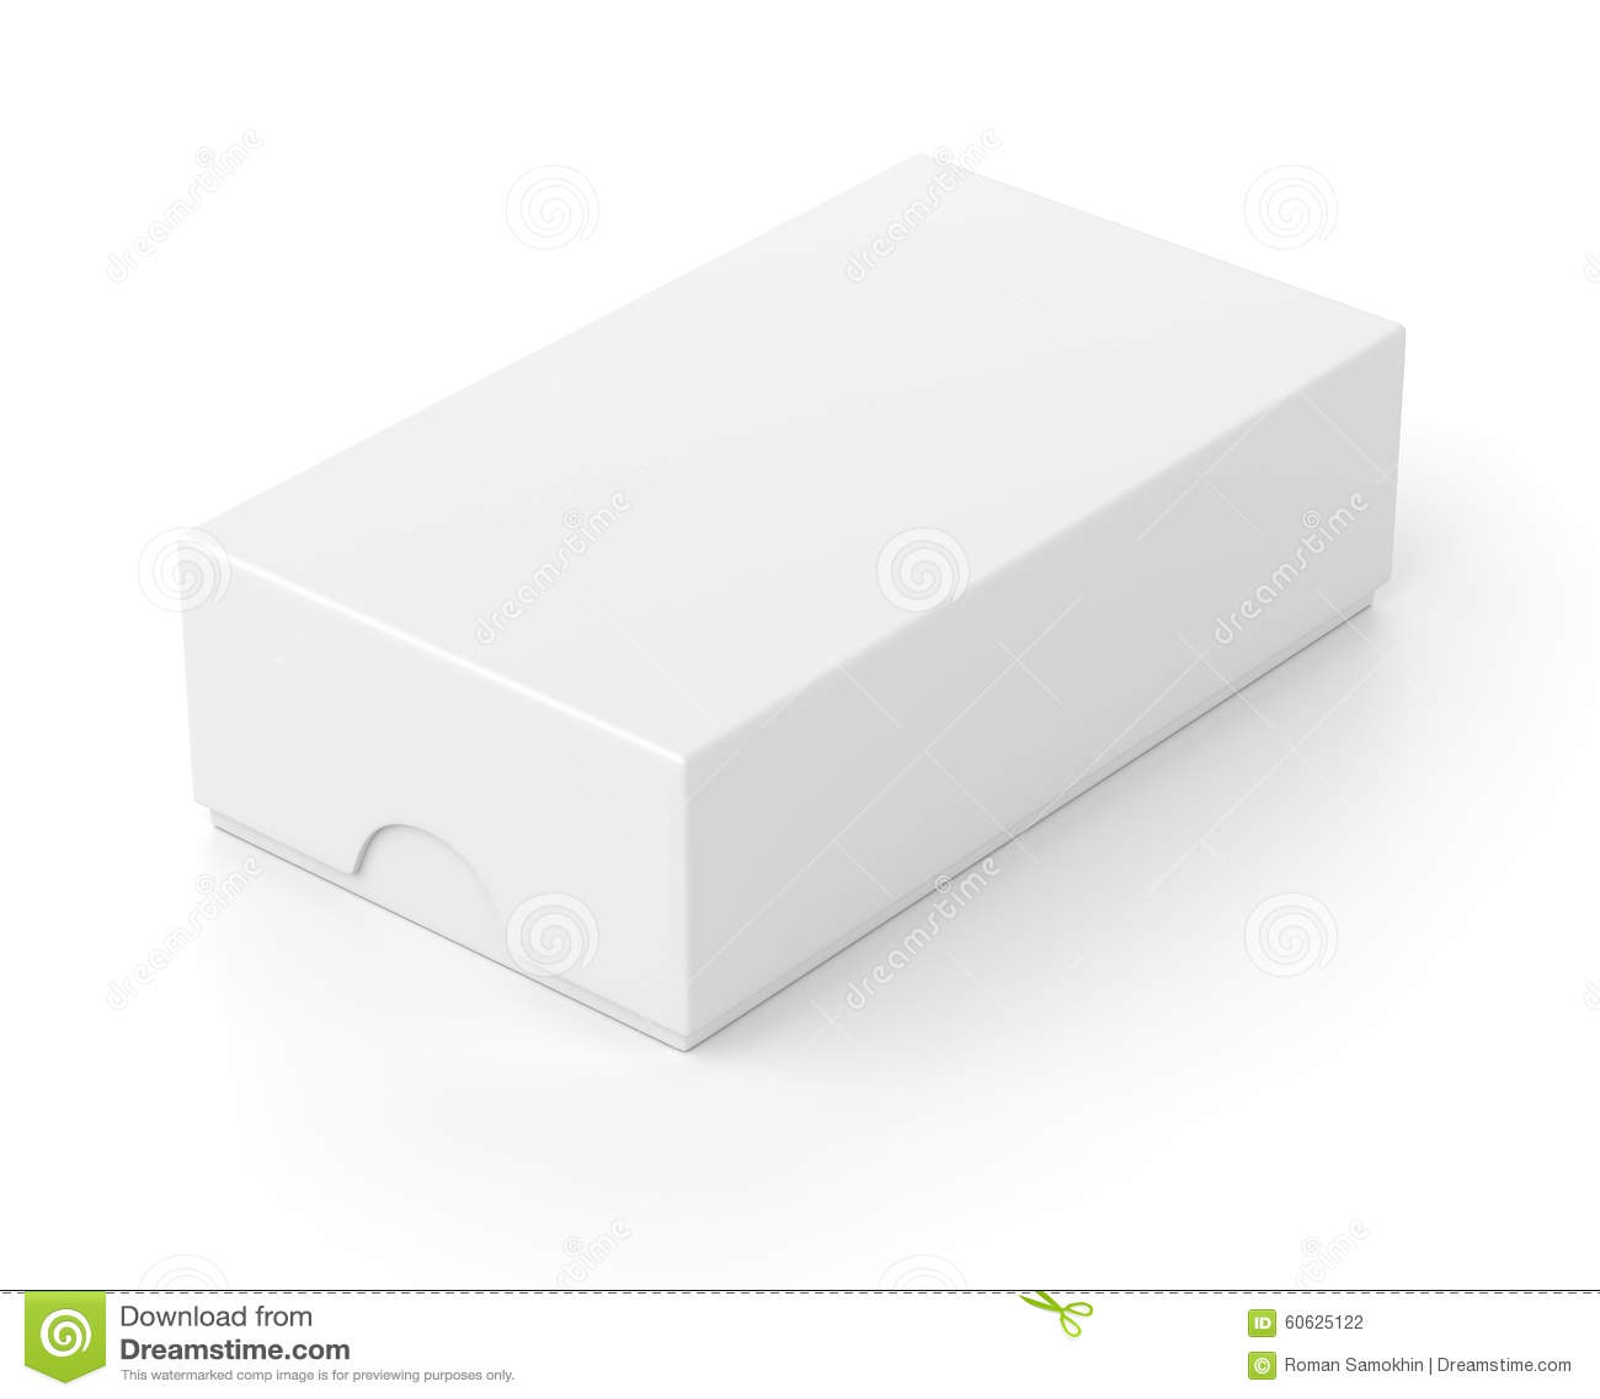 手机的关闭框包裹在白色